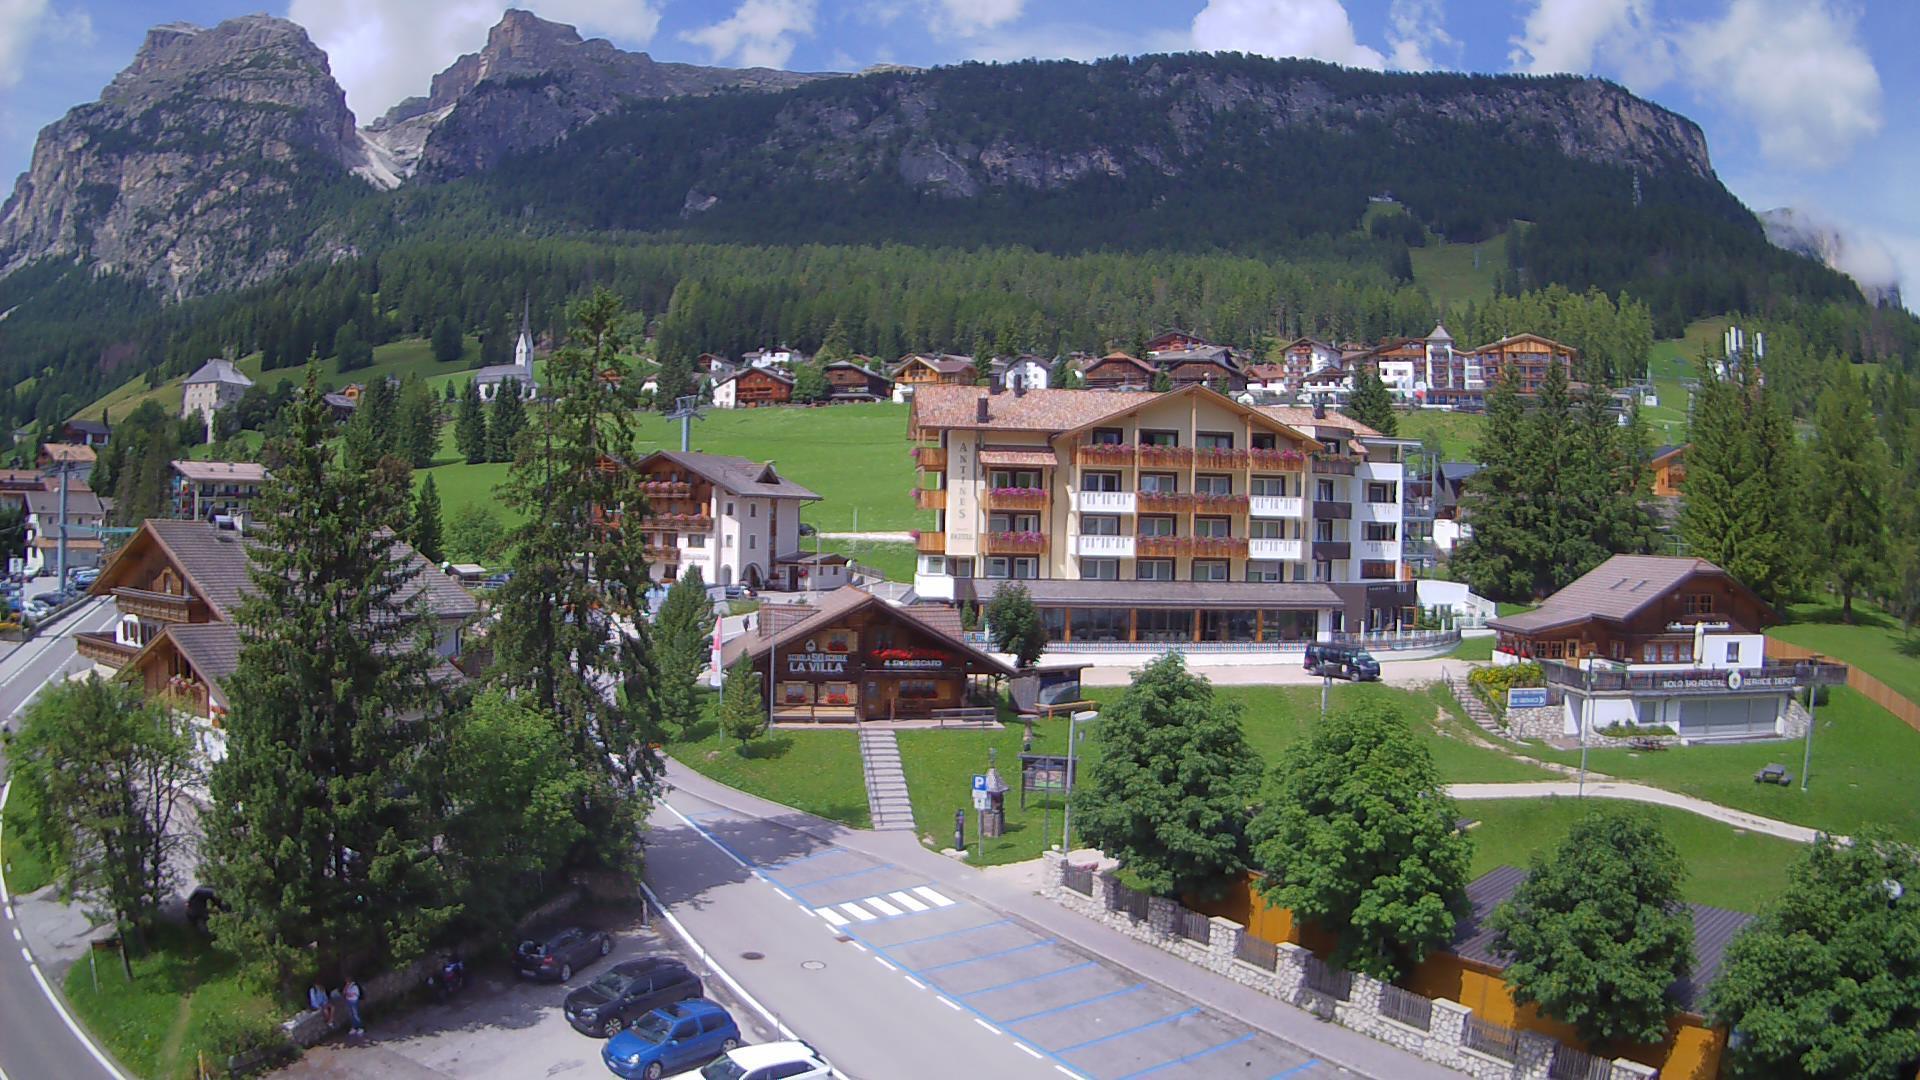 WebCam Hotel Antines La Villa ALTA BADIA - Sasso Santa Croce